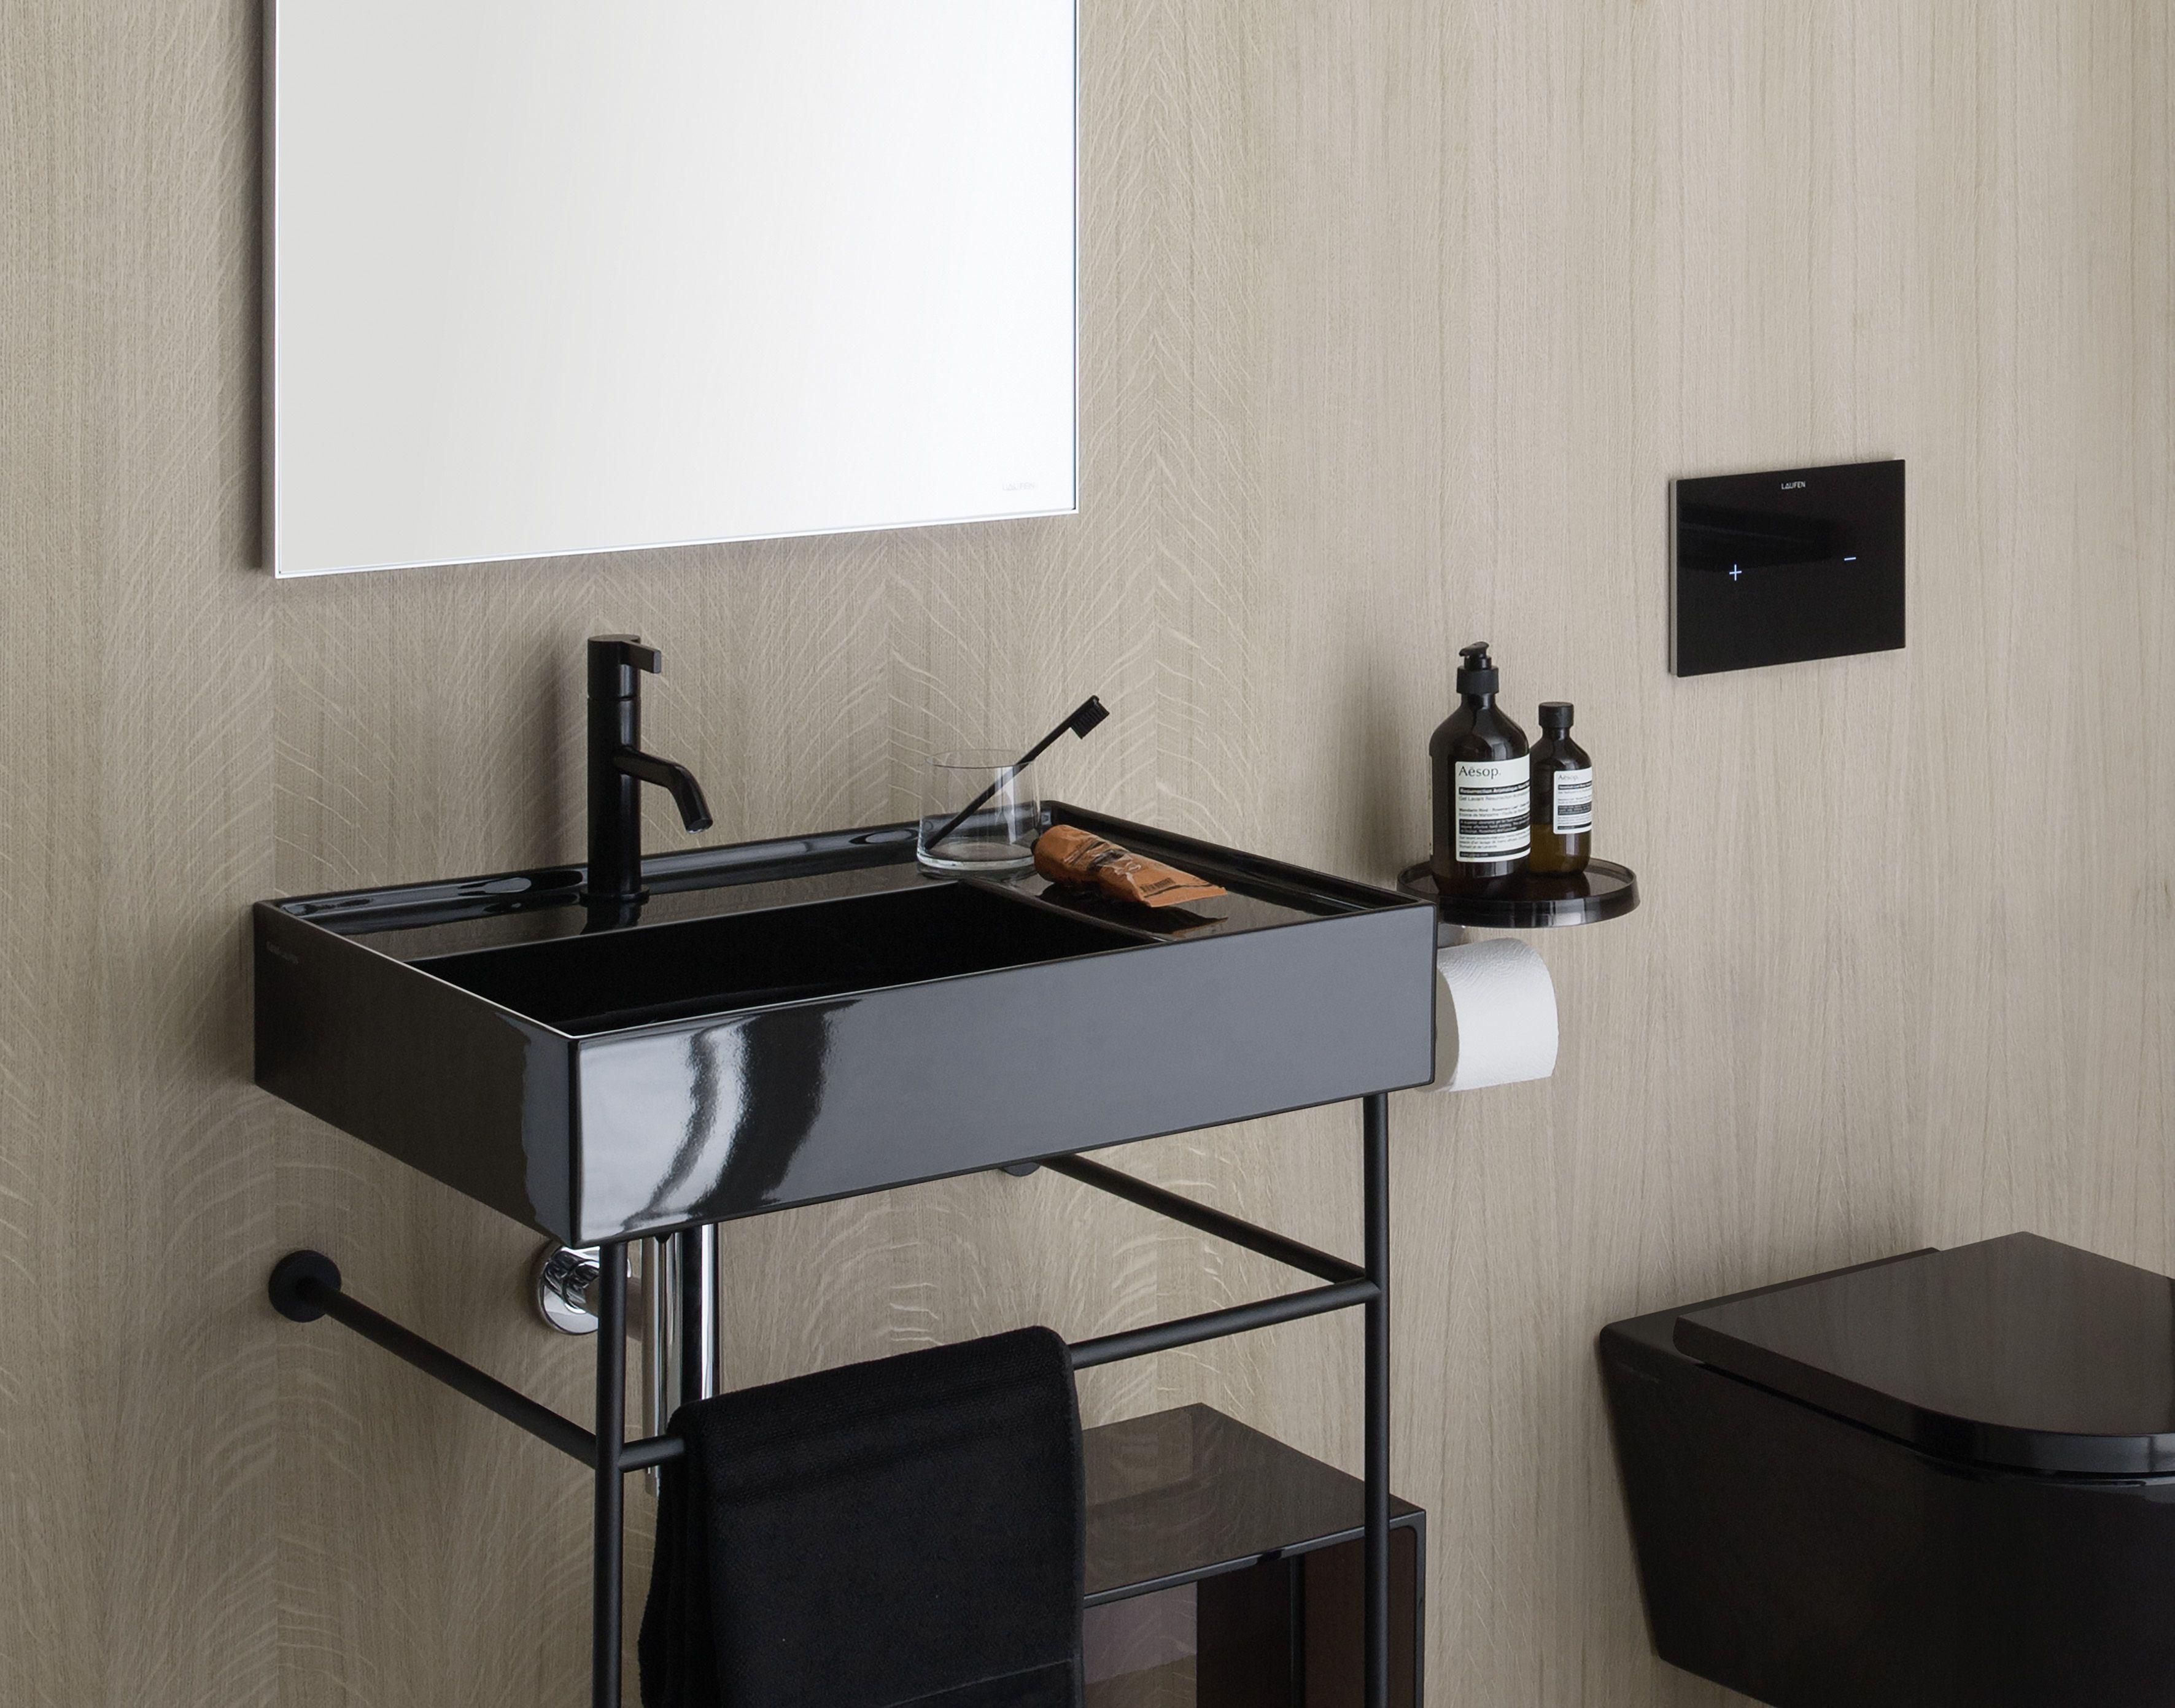 Badezimmerspiegel Bauhaus ~ Black in the bathroom? the new kartell by laufen washbasin with